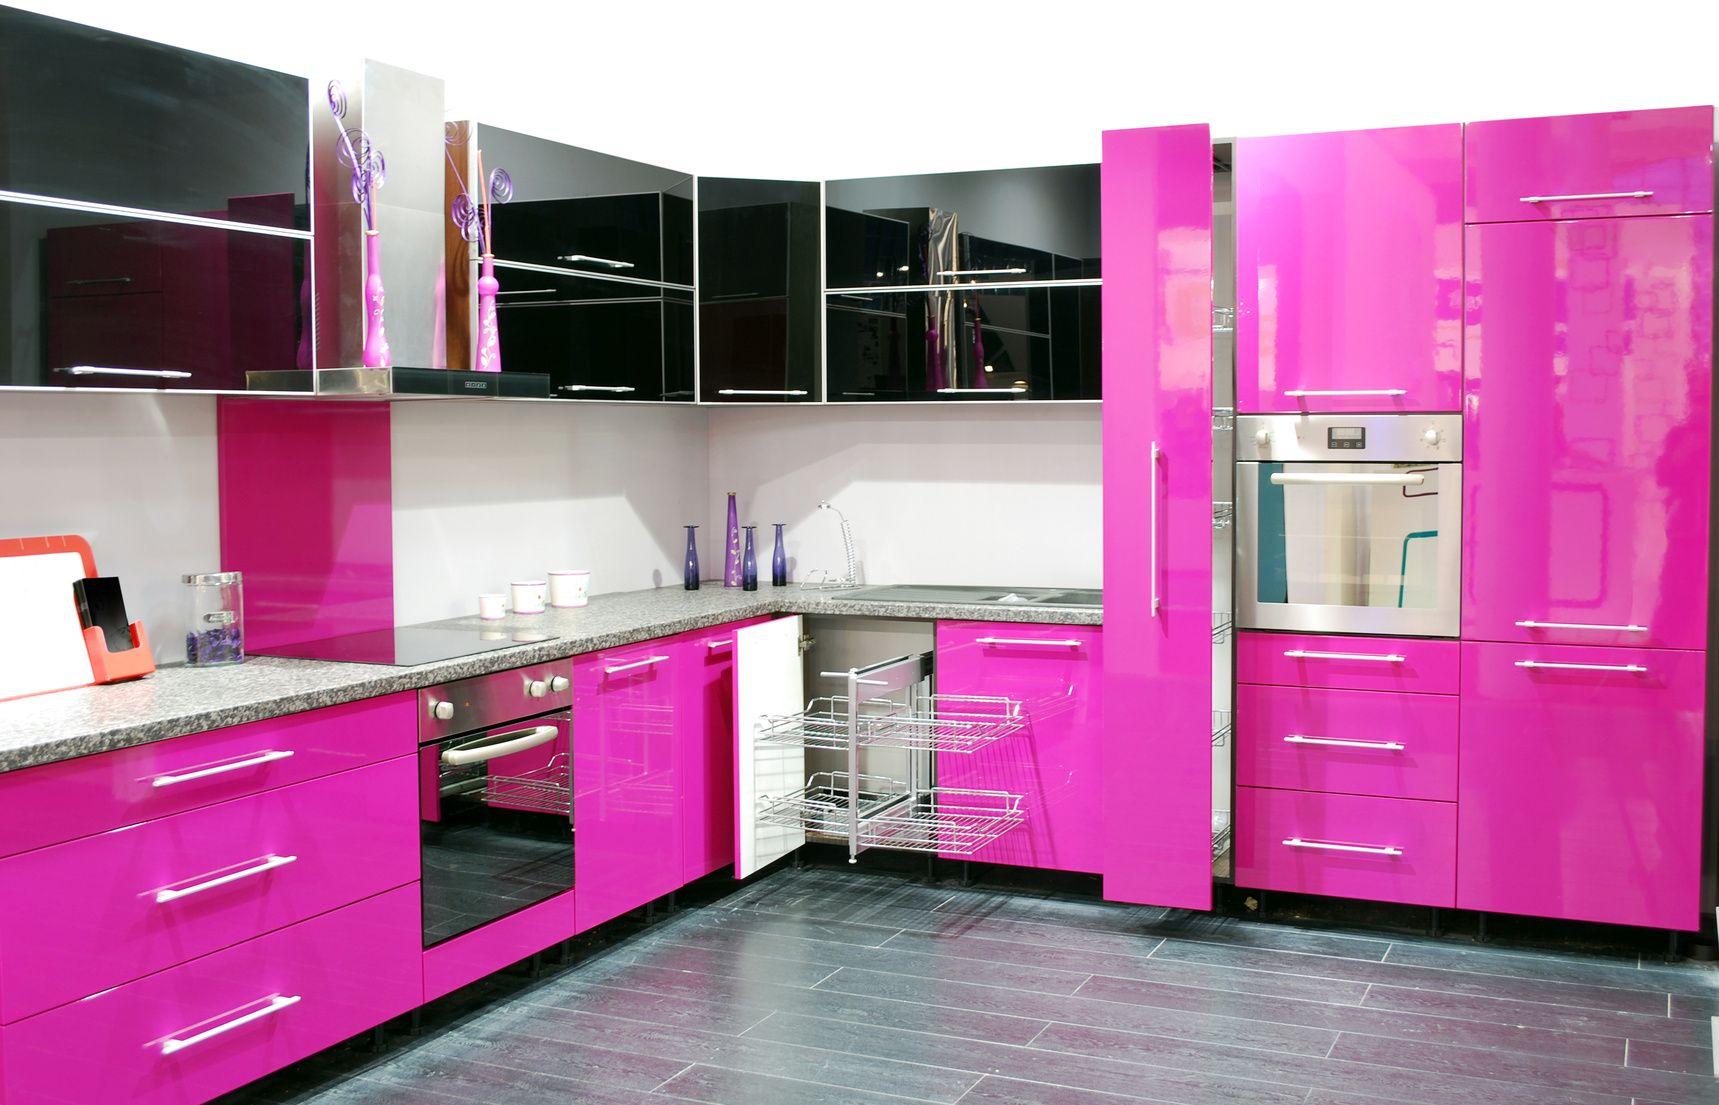 Pinke Hochglanzküche in L-Form  Küche pink, Rosa küchen